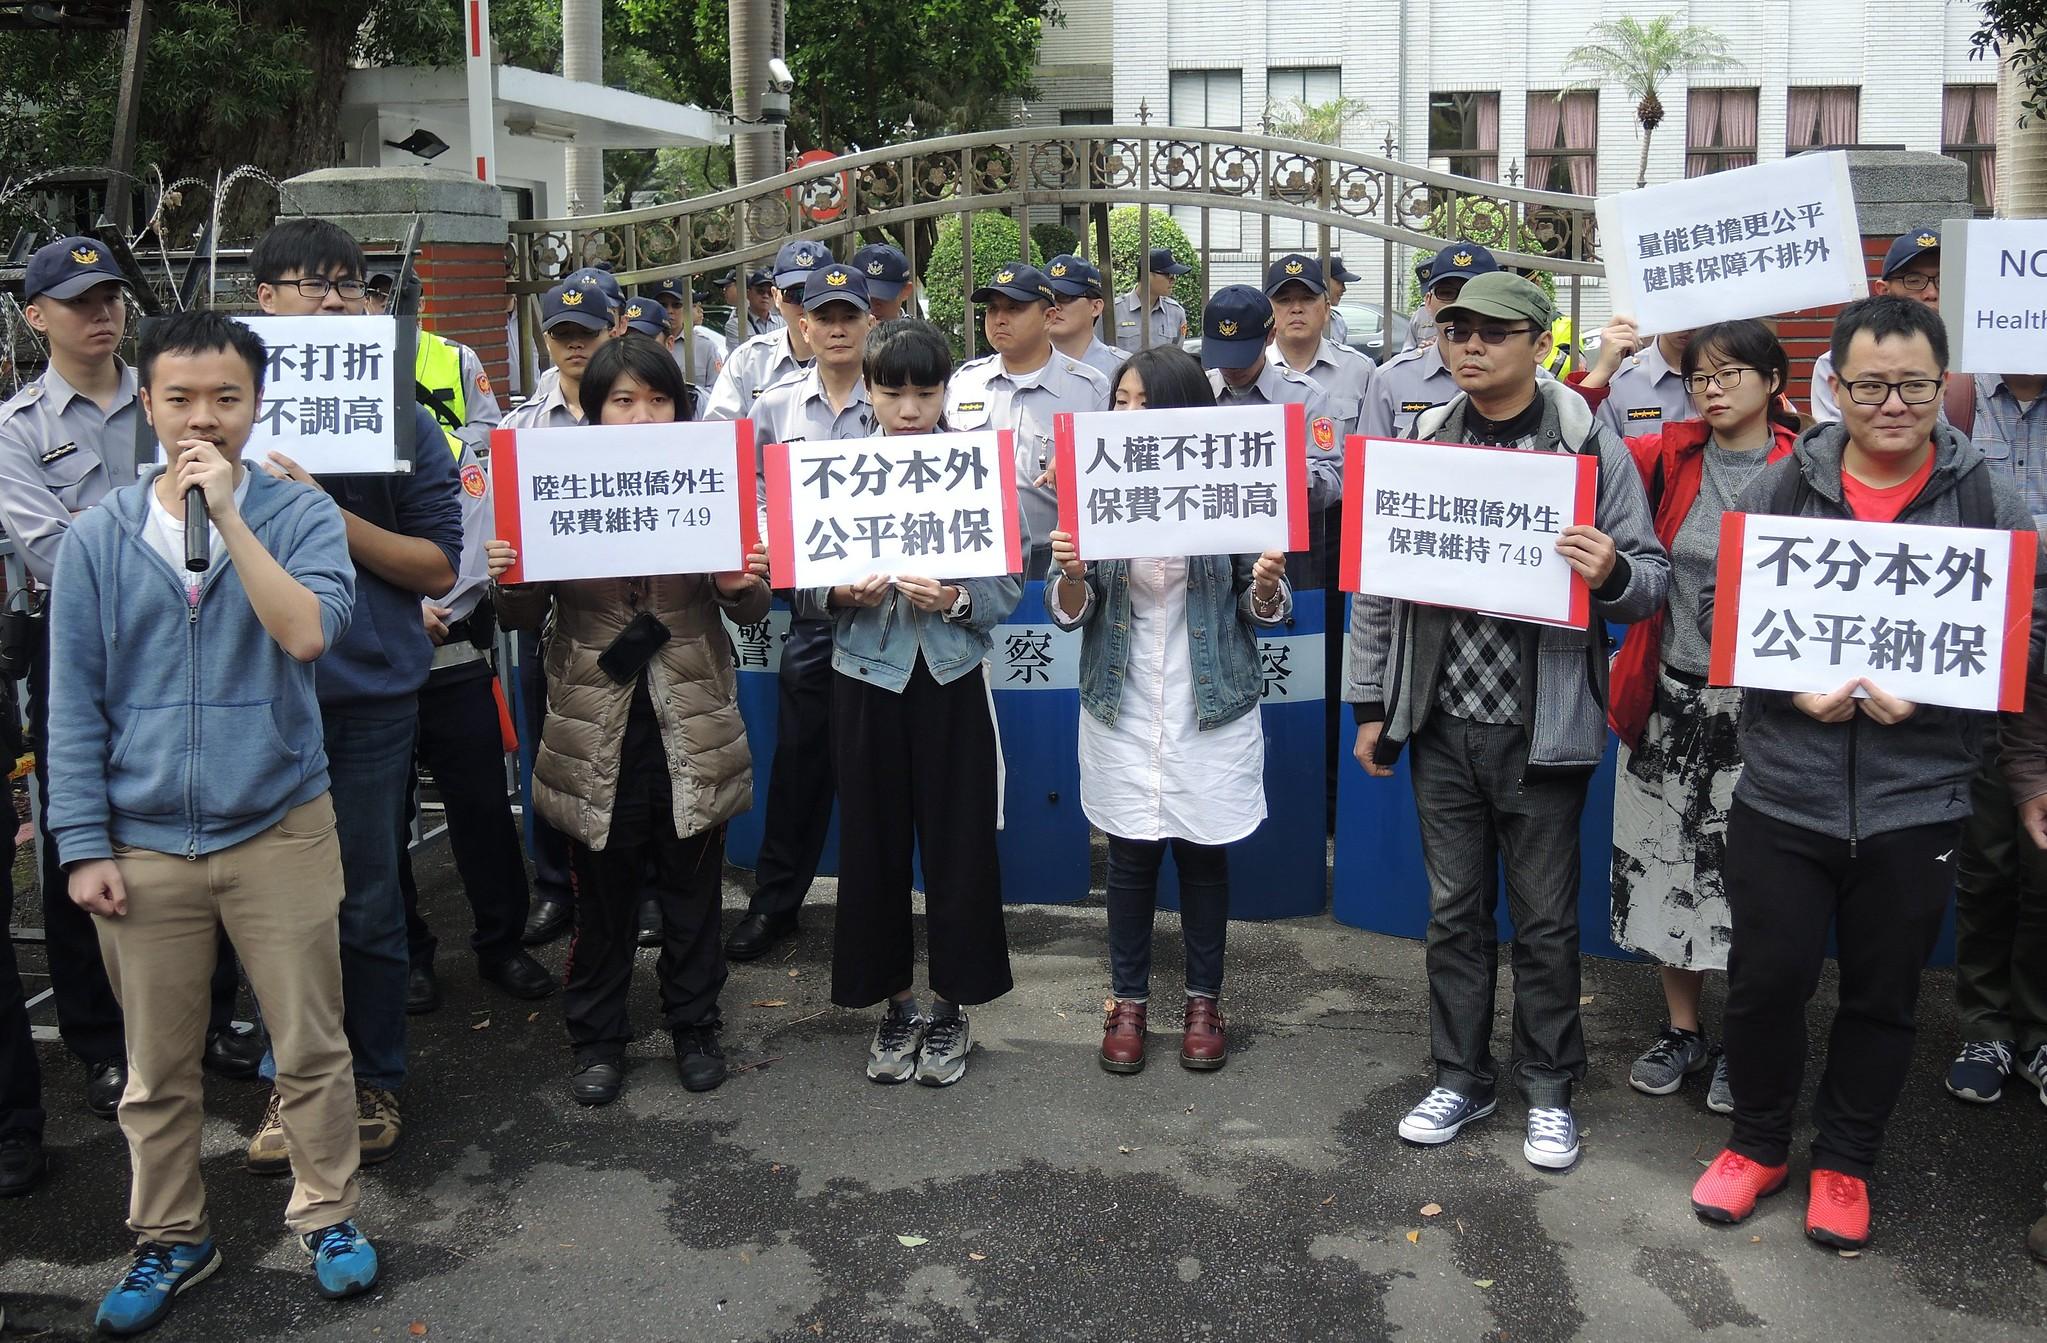 高教工會青年行動委員會與境外生權益小組到立法院青島東路側召開記者會,反對民進黨版《全民健康保險法》修正案強行通過。(攝影:曾福全)